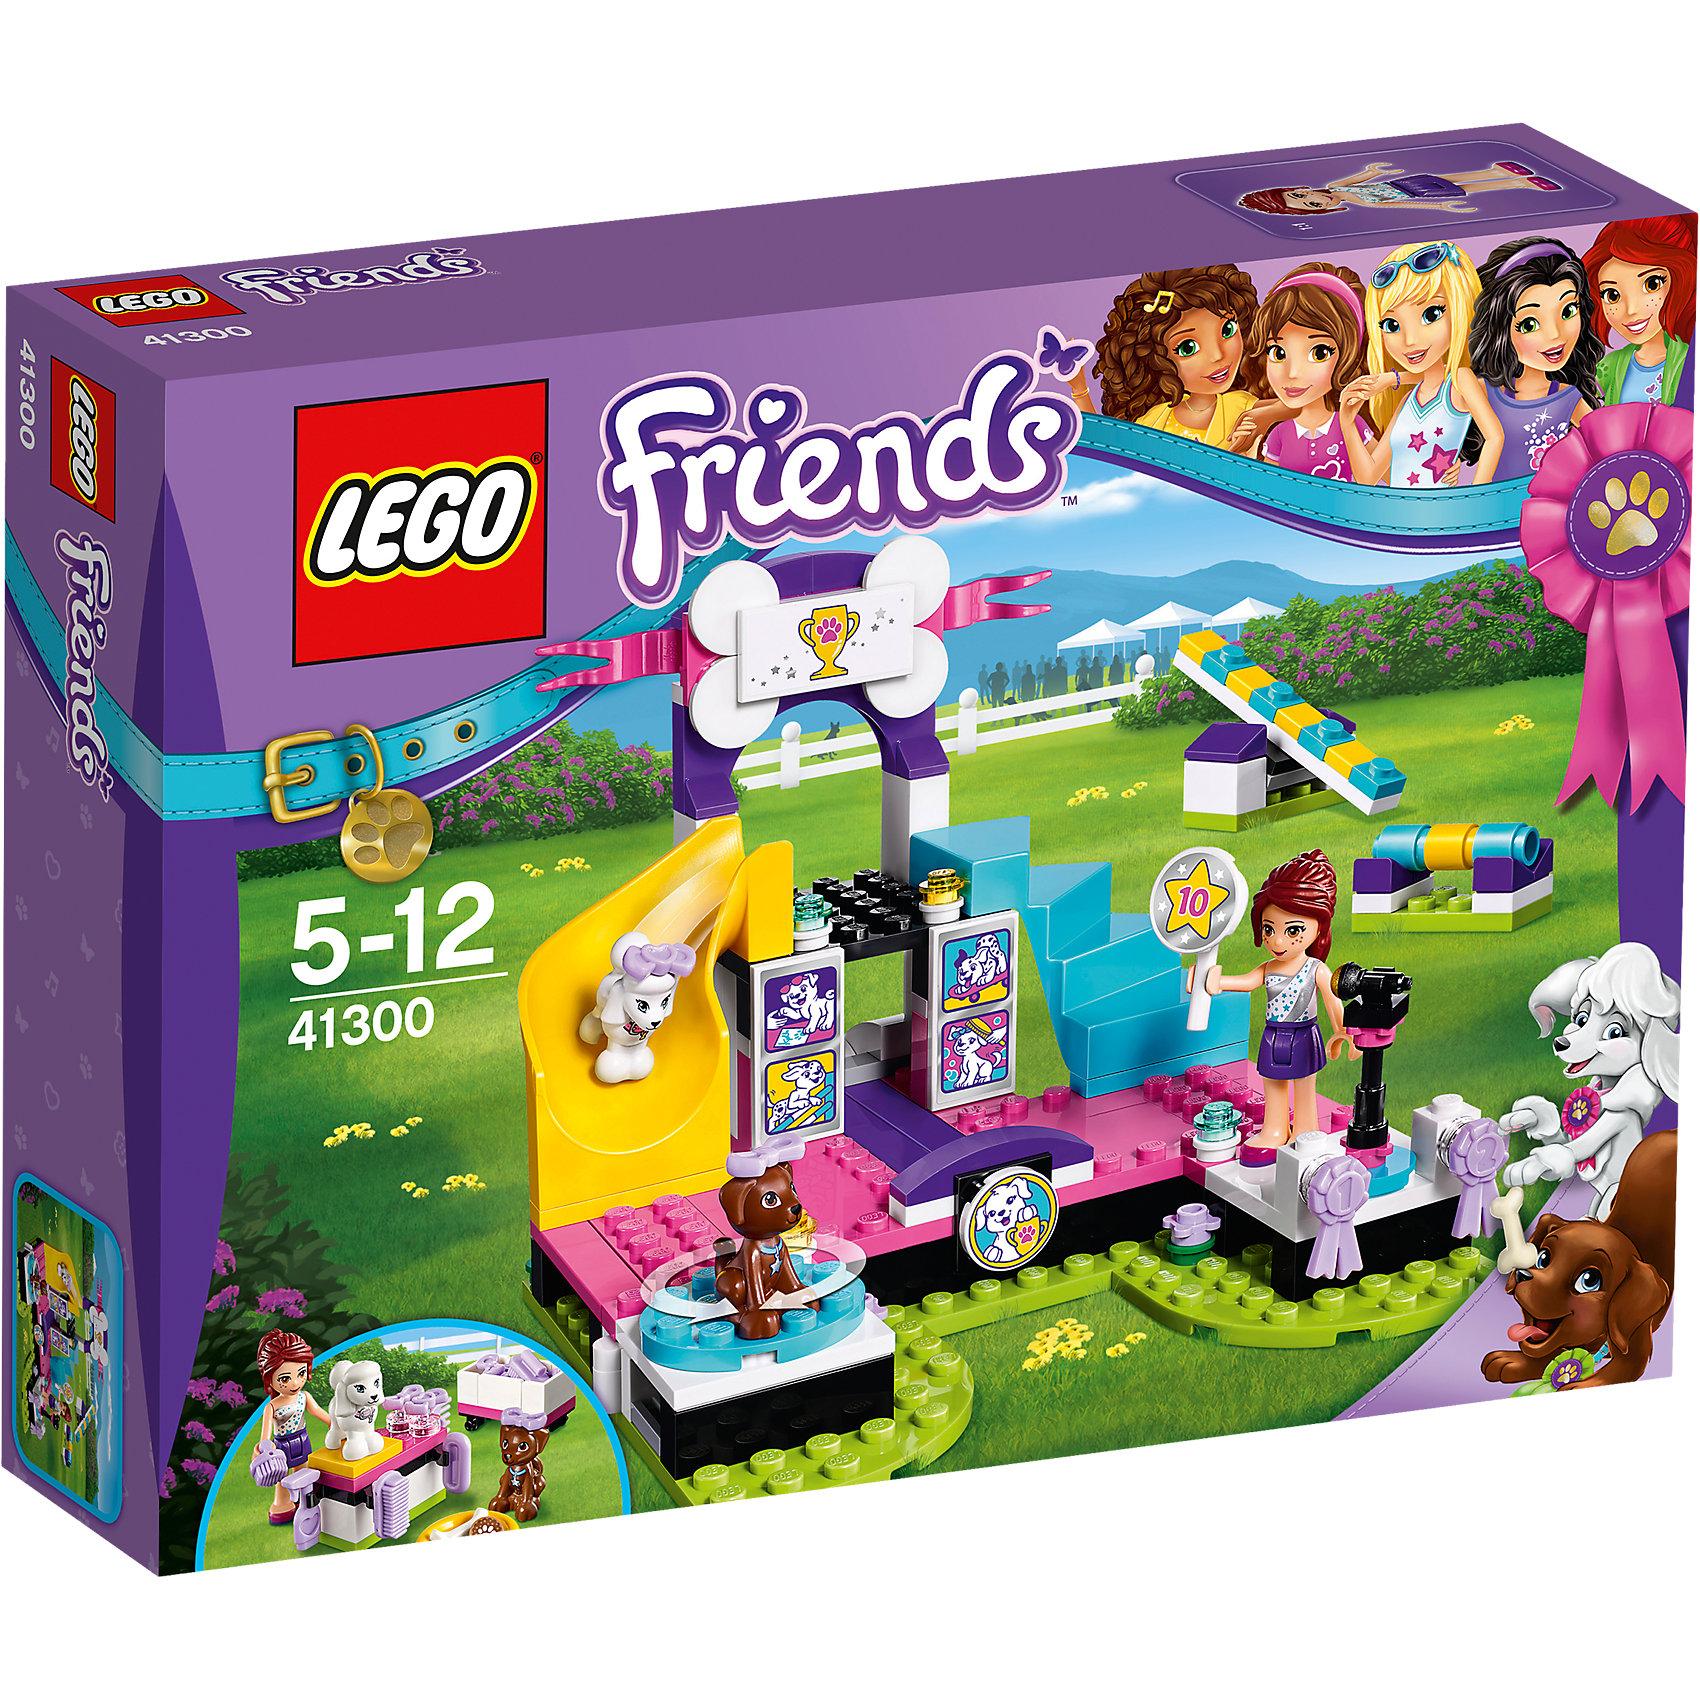 LEGO Friends 41300: Выставка щенков: Чемпионат<br><br>Ширина мм: 256<br>Глубина мм: 192<br>Высота мм: 66<br>Вес г: 332<br>Возраст от месяцев: 60<br>Возраст до месяцев: 144<br>Пол: Женский<br>Возраст: Детский<br>SKU: 5002493